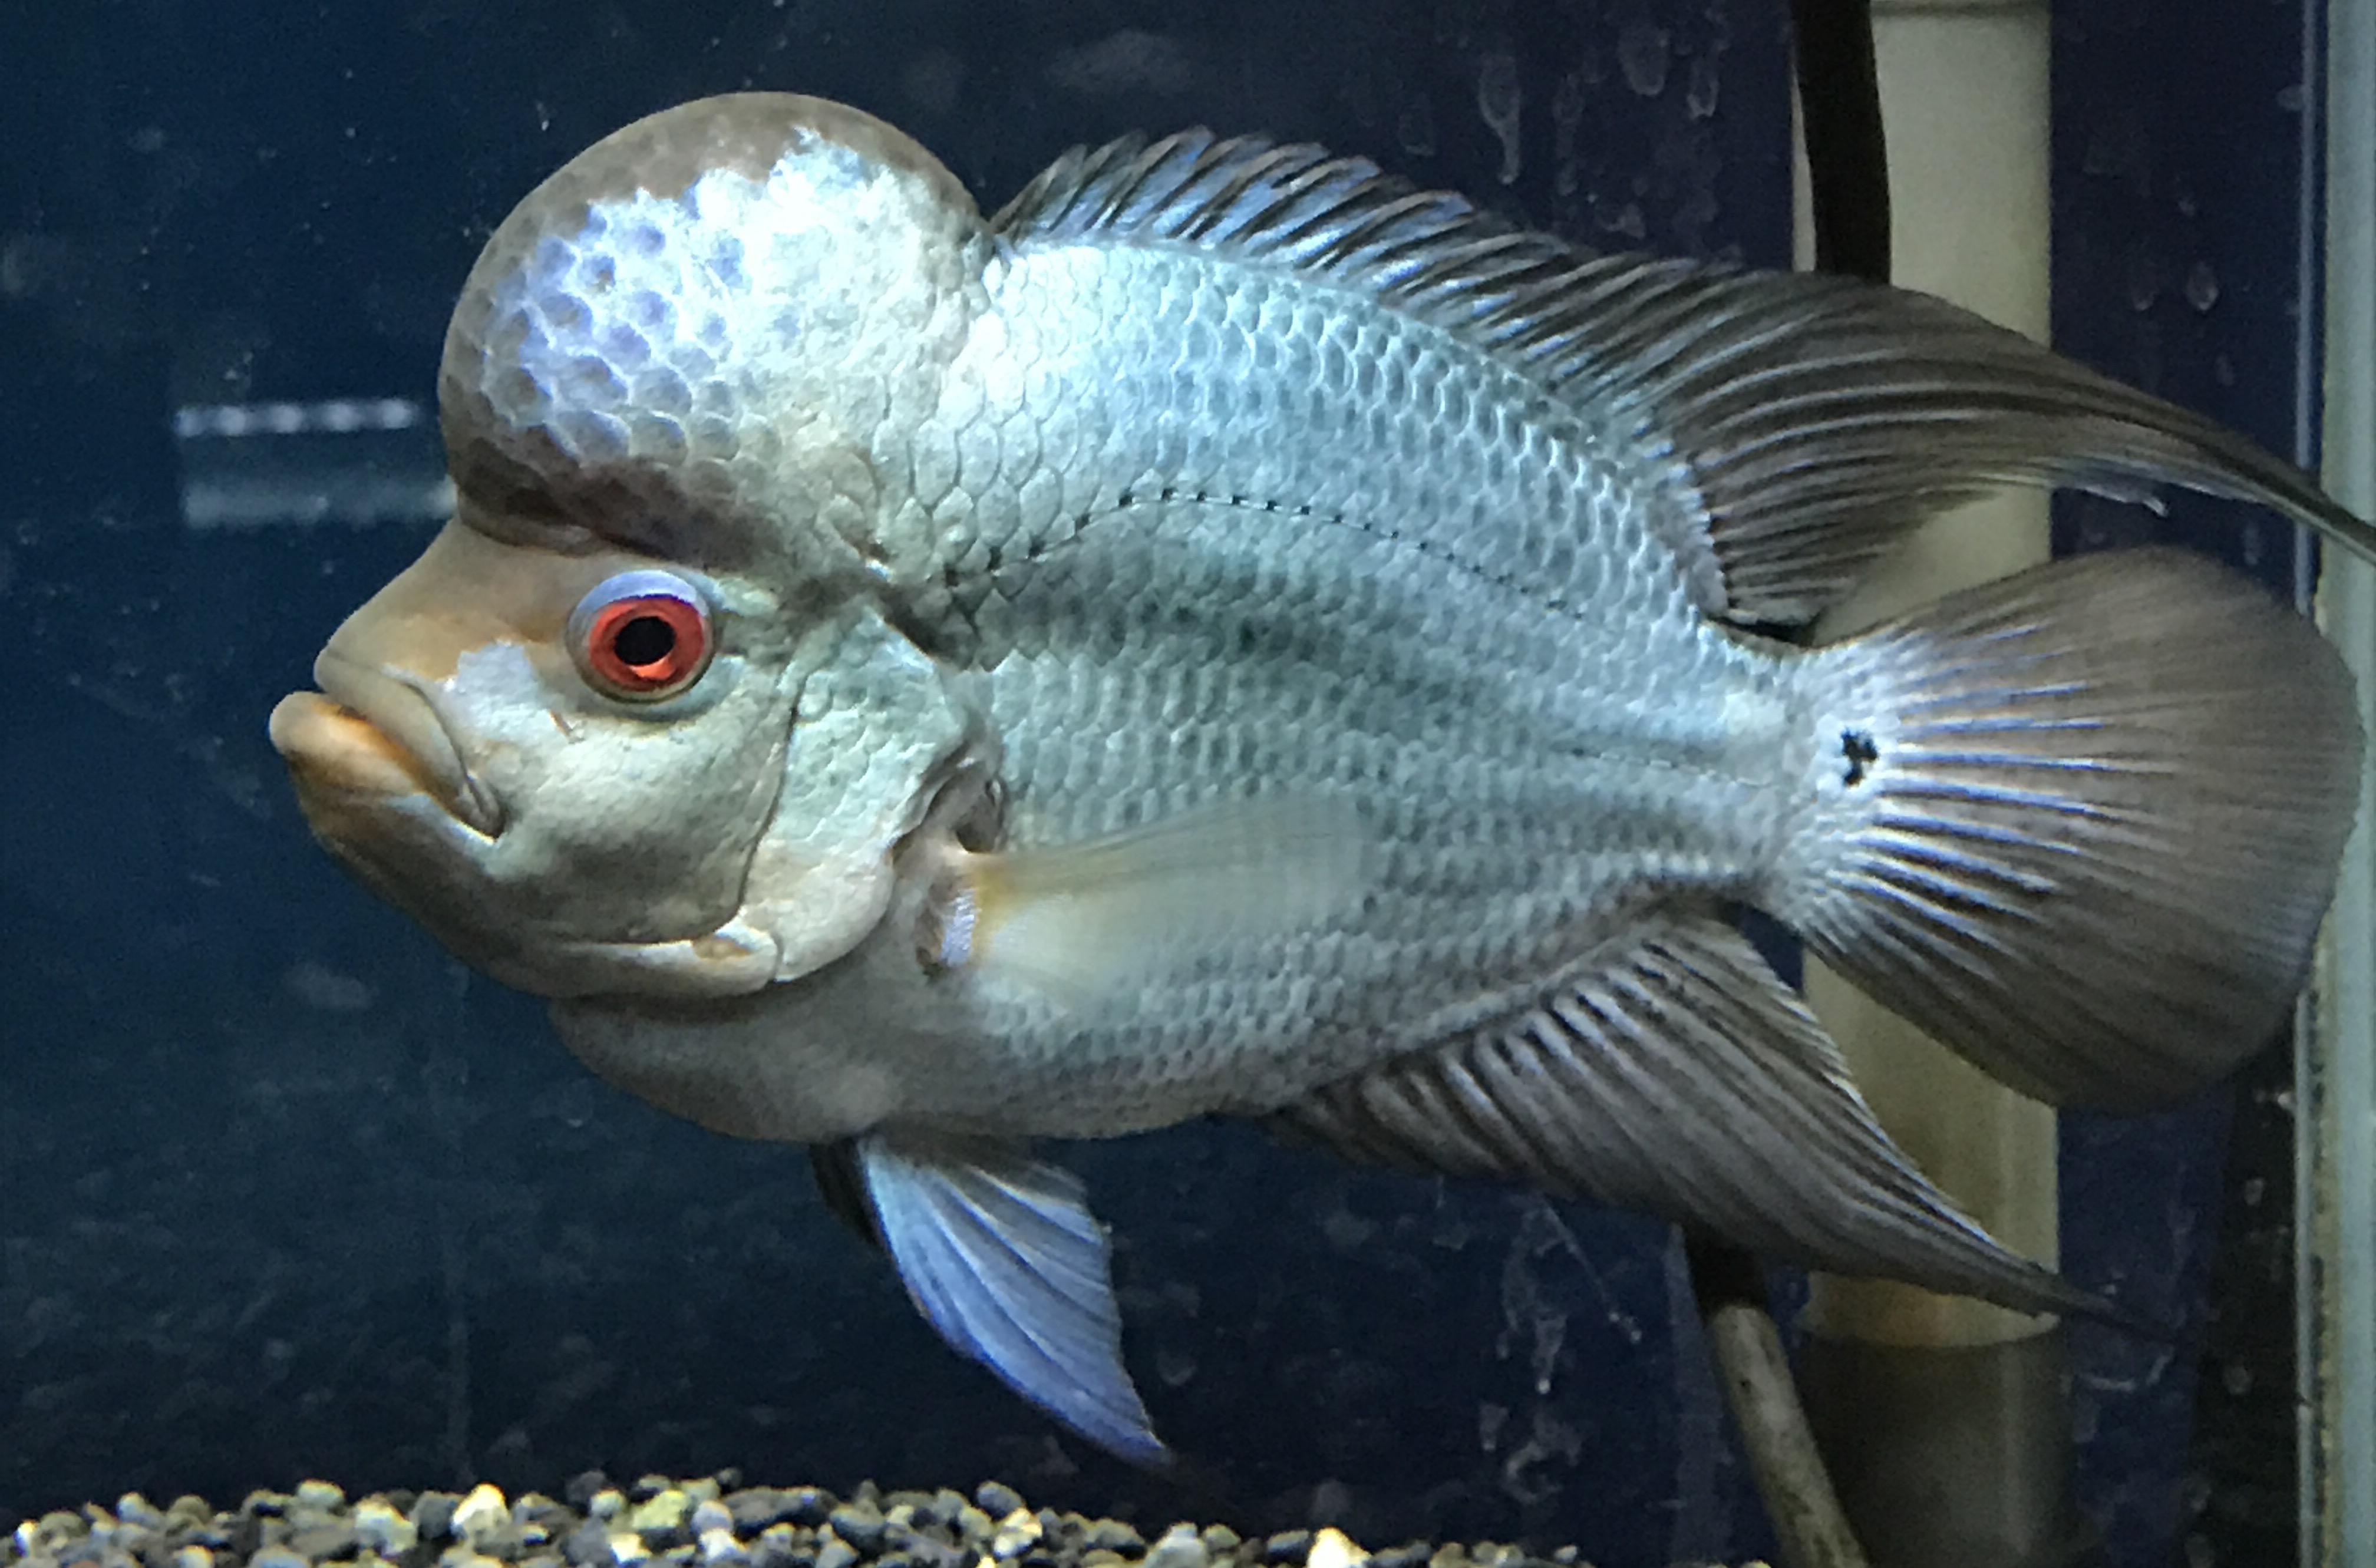 熱帯魚入荷情報! - かねだい海老名店のブログ